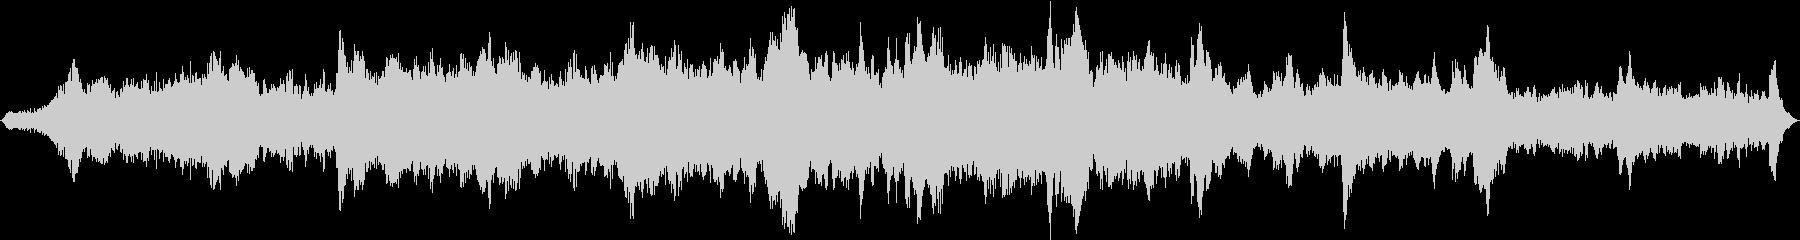 ドローン ミステリー01の未再生の波形